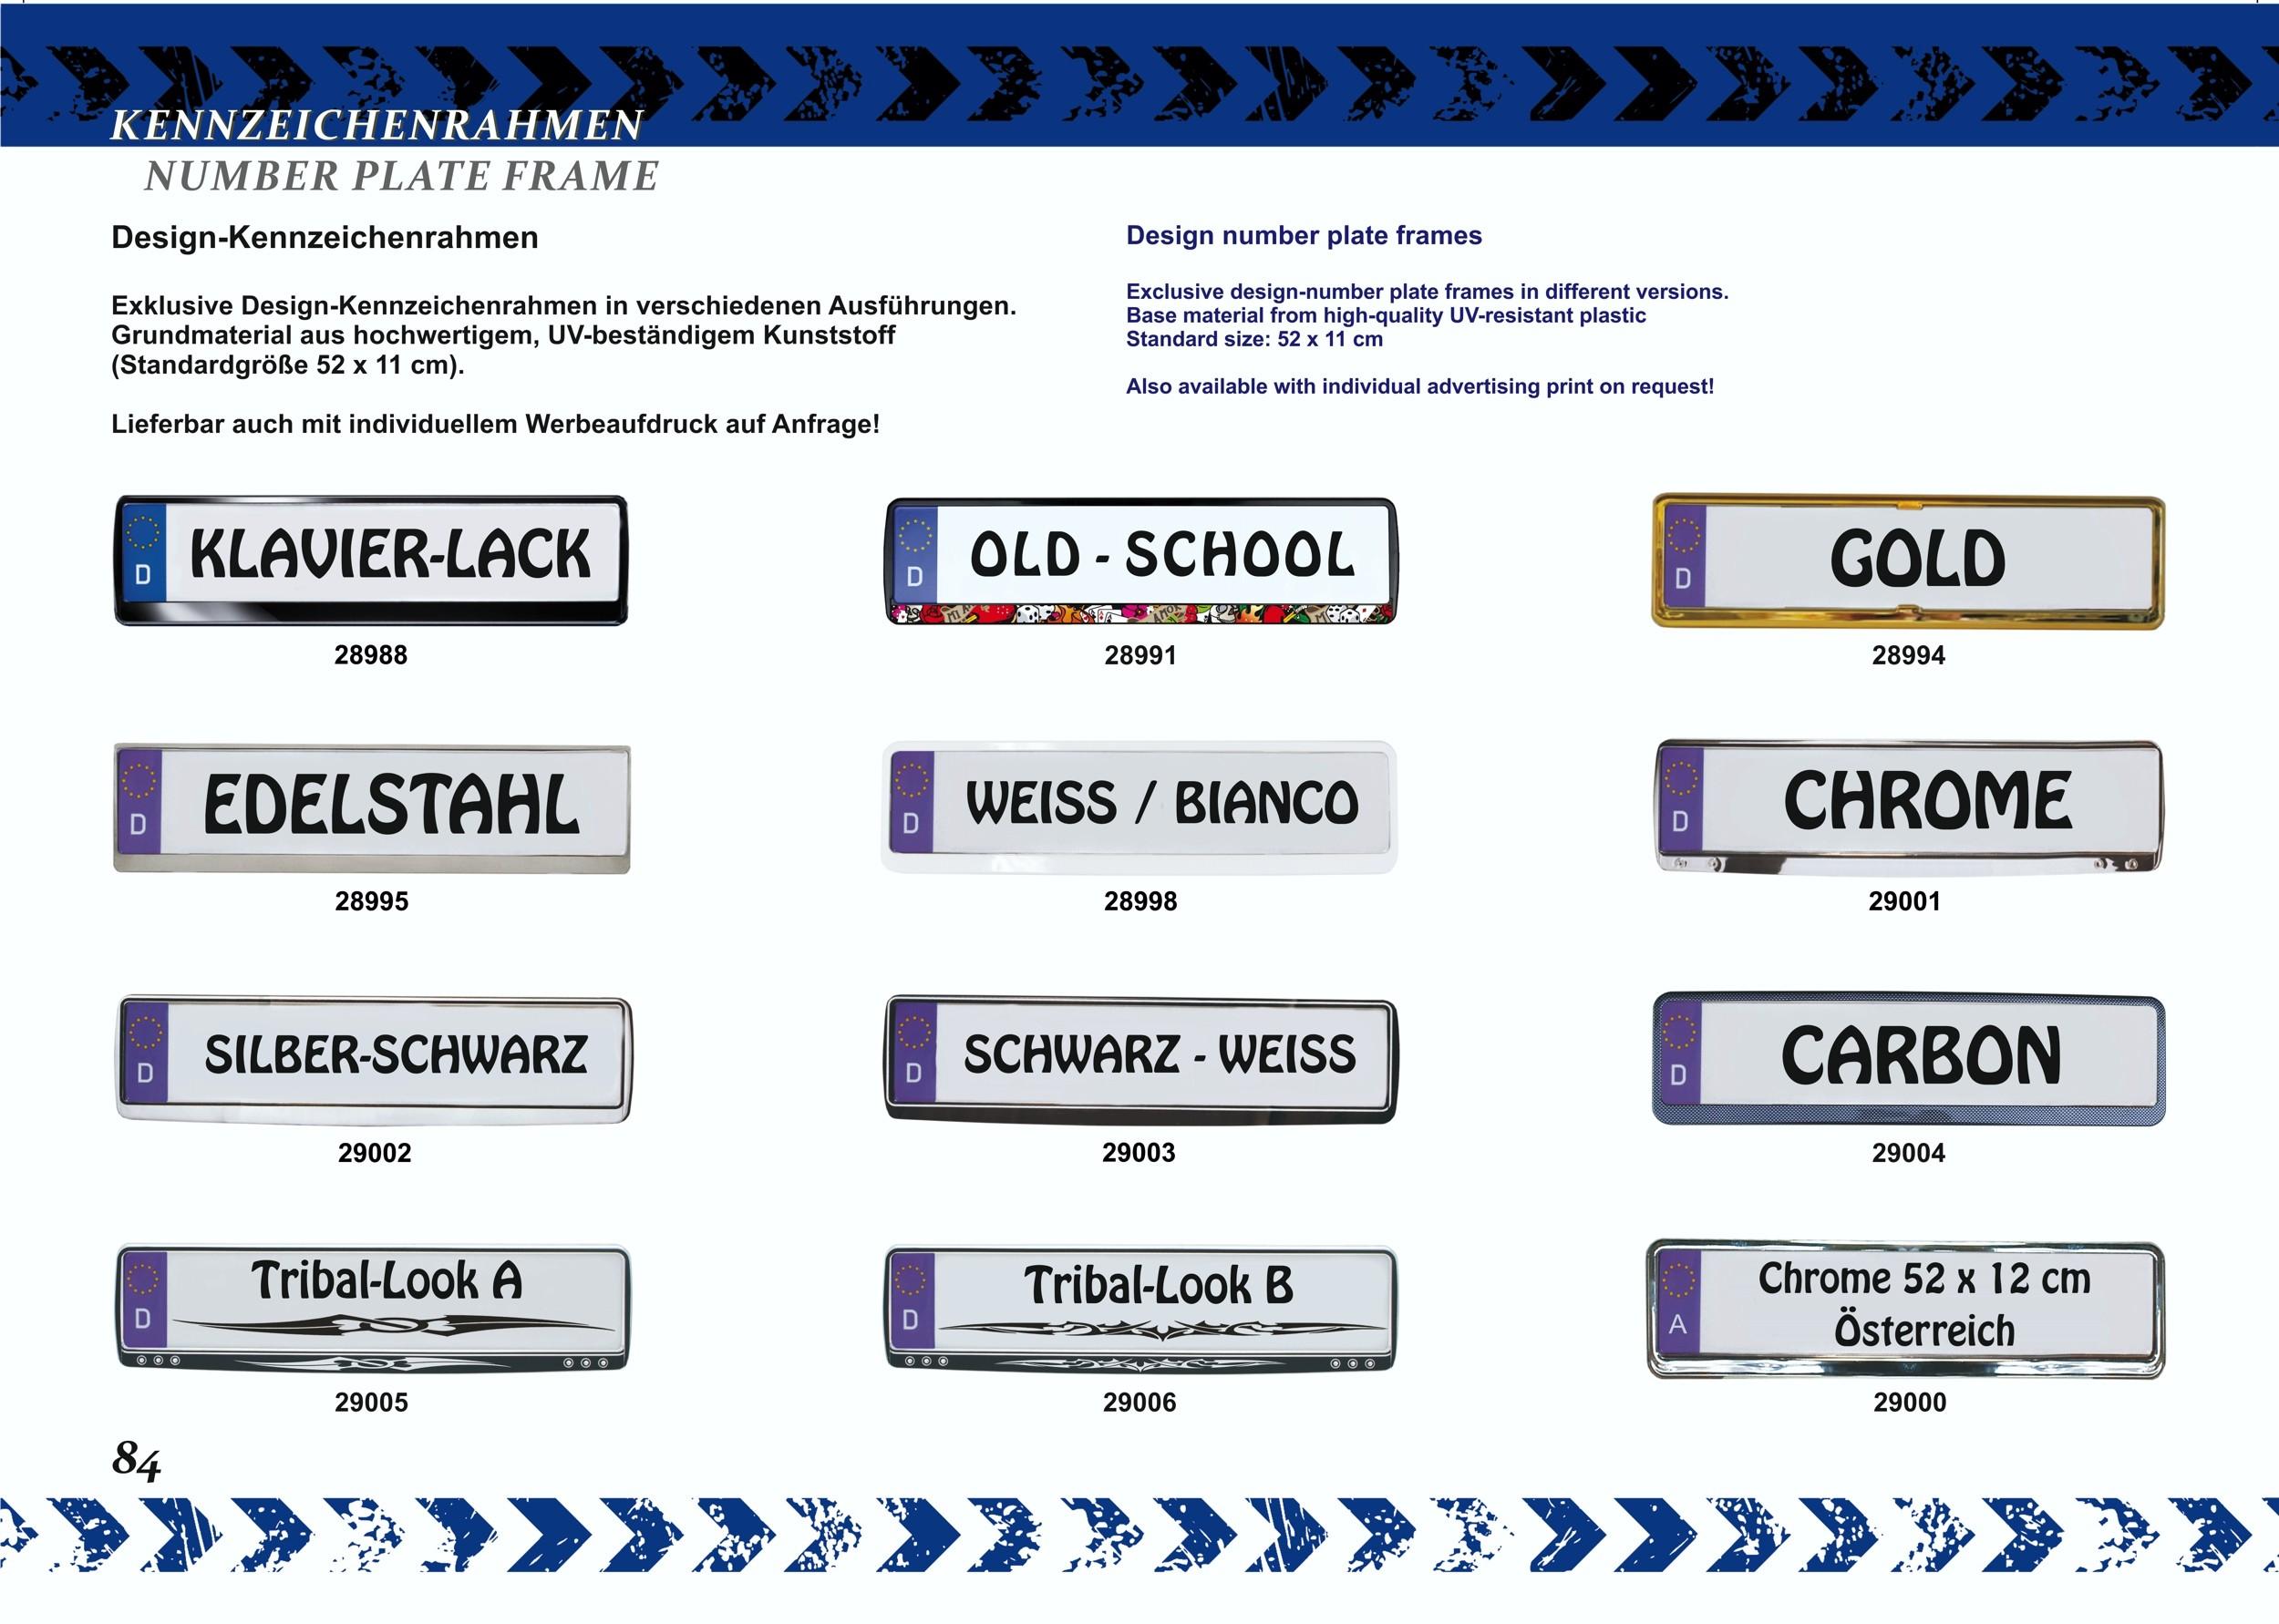 Design number plate frame federal state Mecklenburg-Vorpommern 1 piece – Bild 3